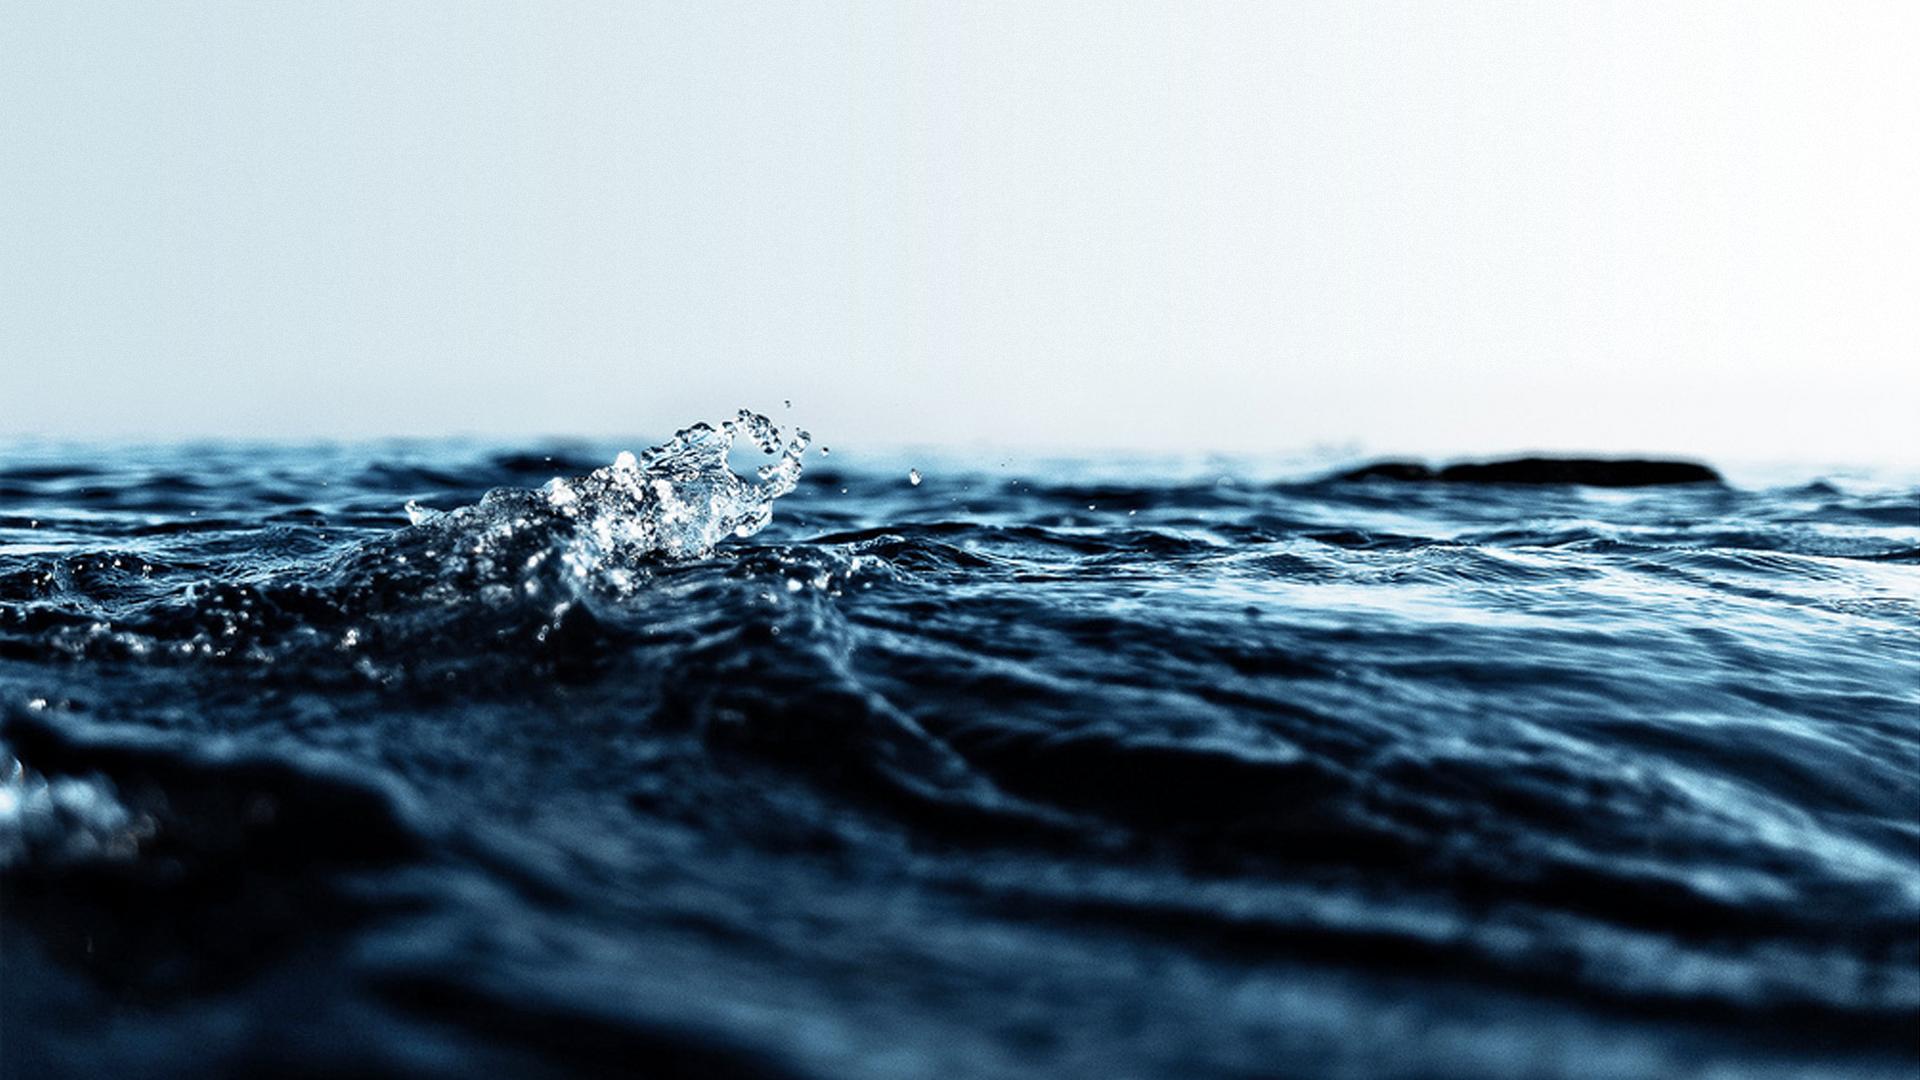 Imagini pentru apa ocean